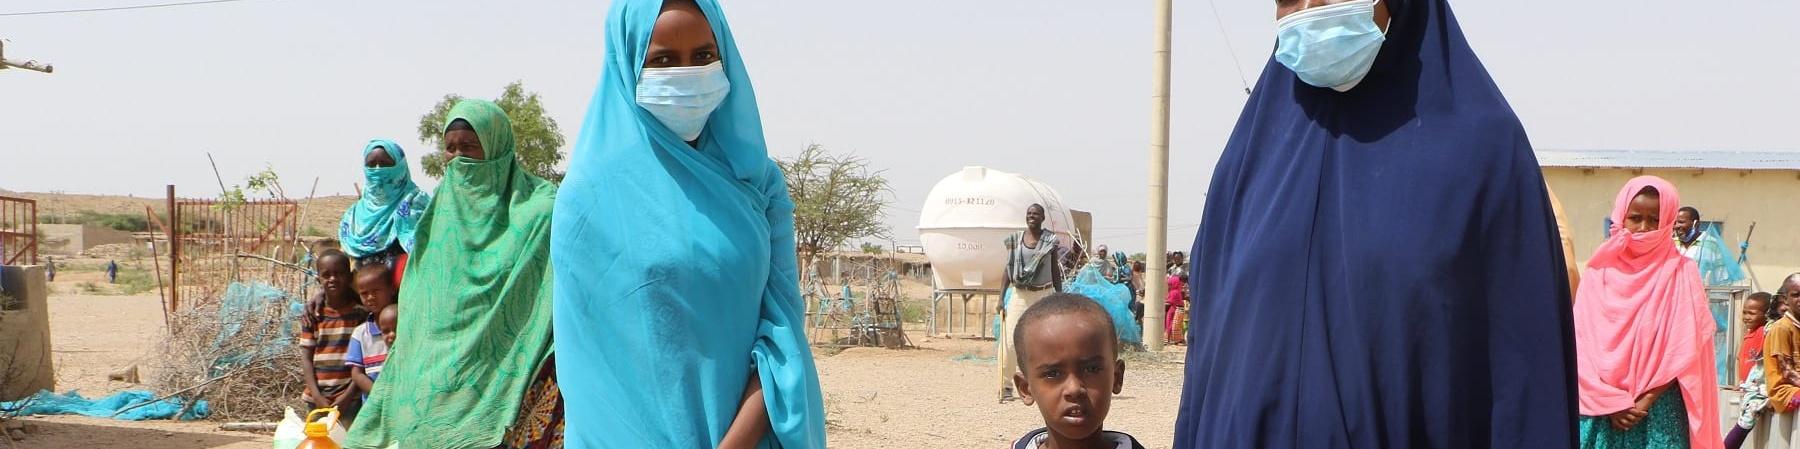 Due donne somale in primo piano e in piedi su una strada sterrata quasi desertica tengono alcune pacchi e taniche. Sono vestite integralmente di un velo, una lo porta celeste l altra blu